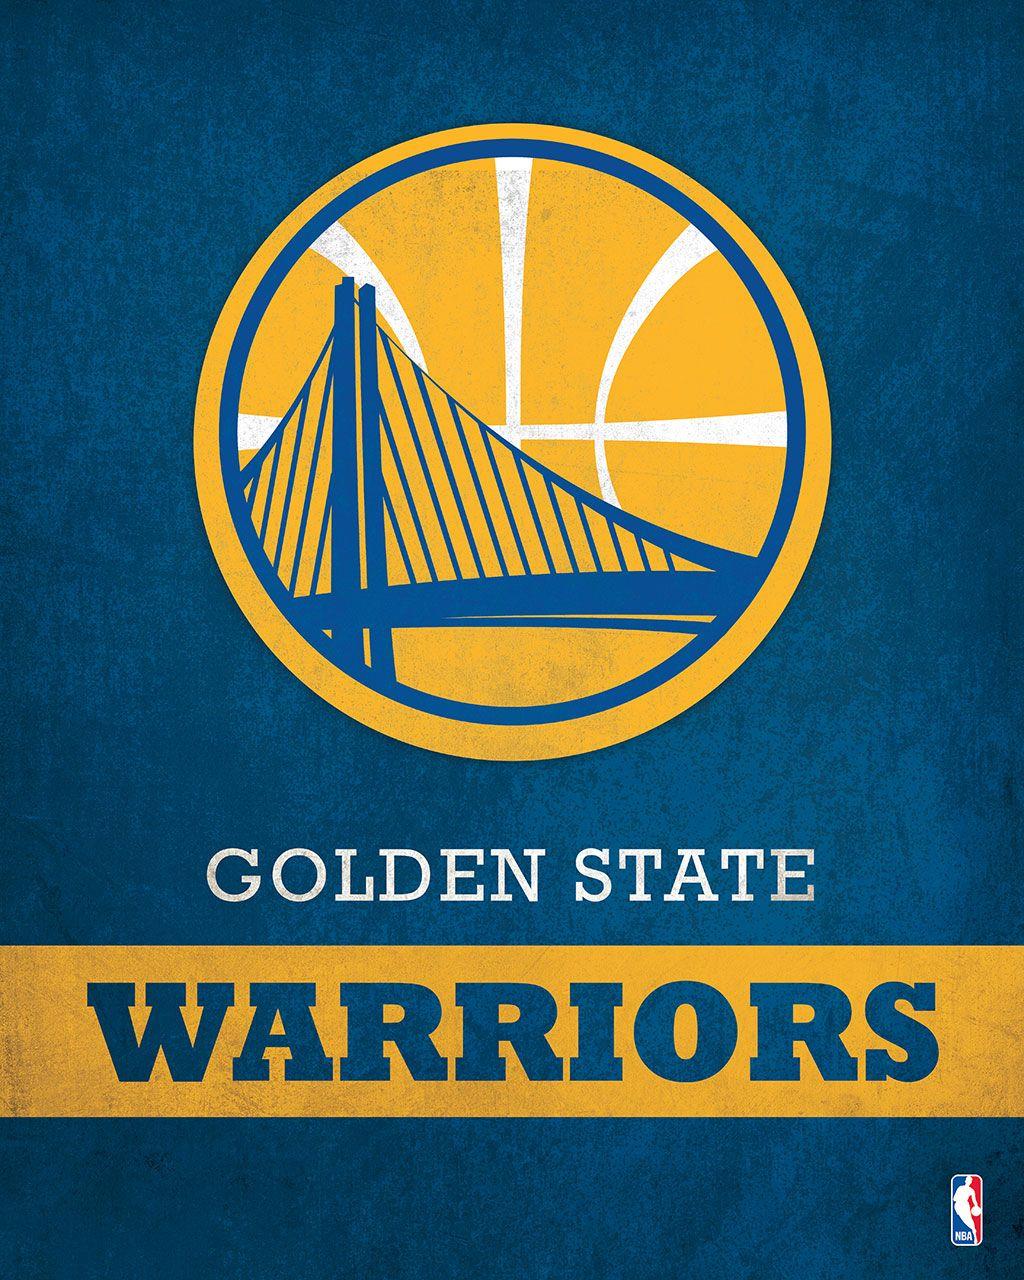 Golden State Warriors Logo $24.99 | Golden state warriors ...